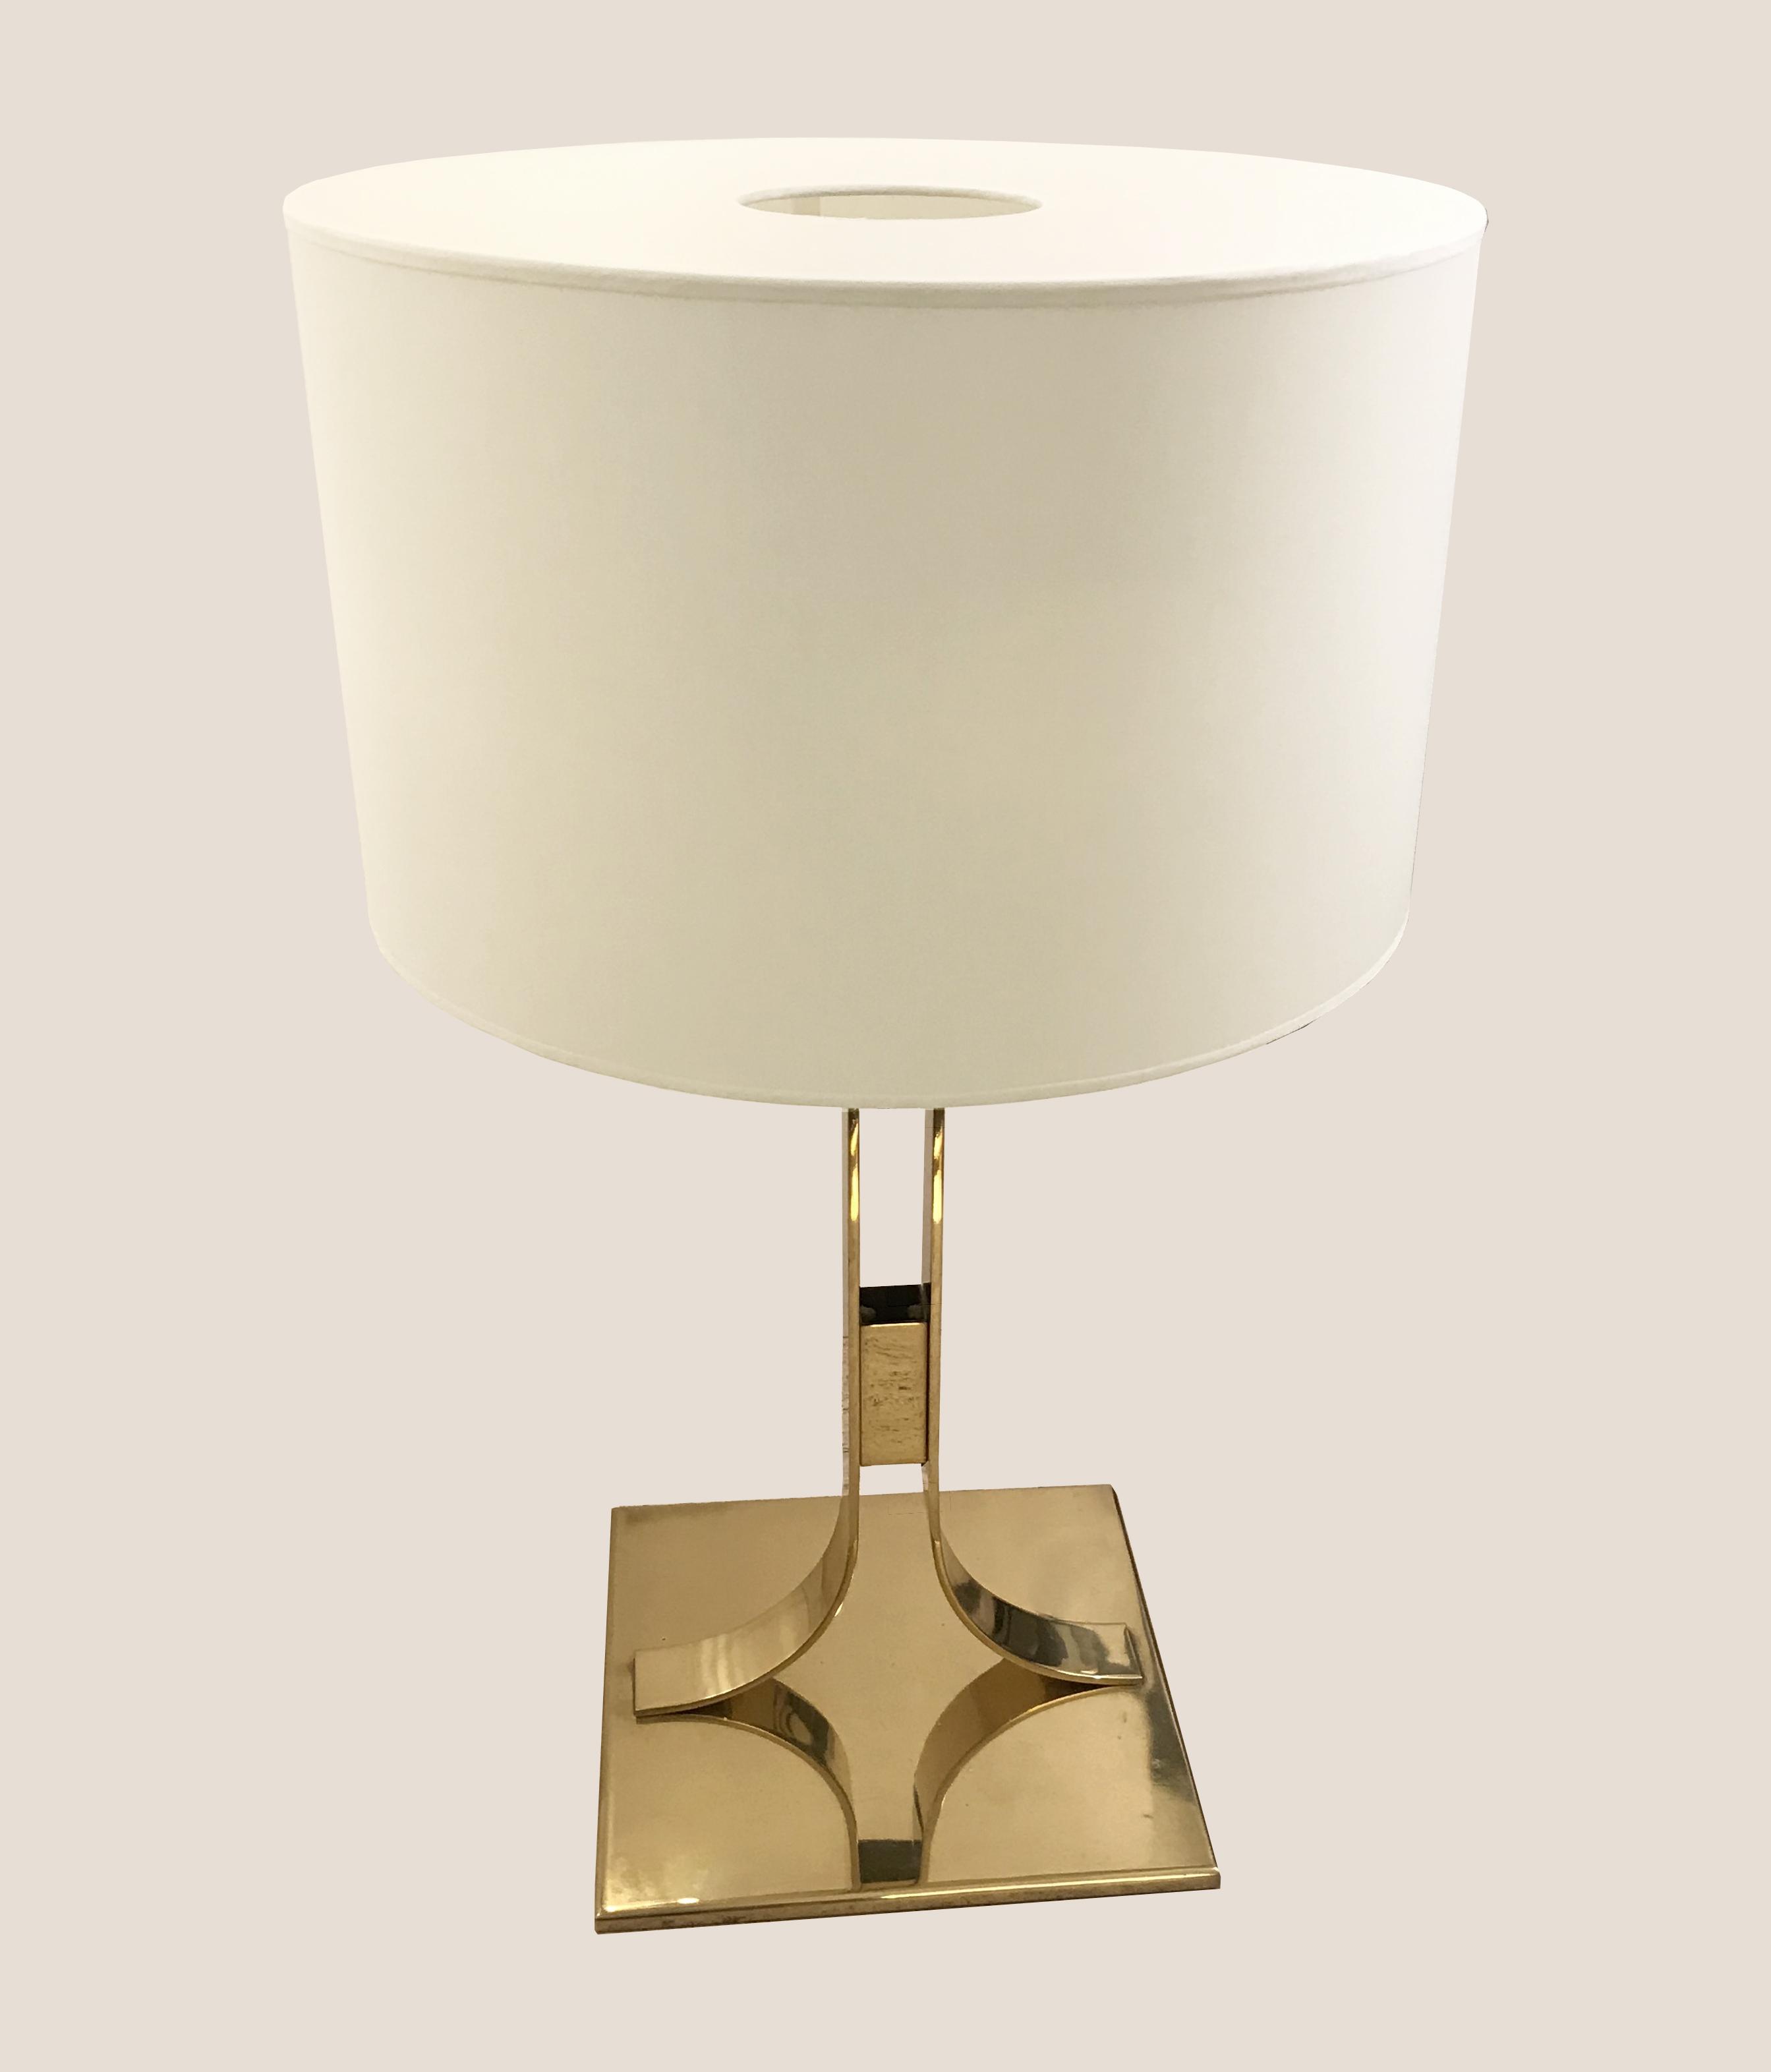 lampe laiton bis 2